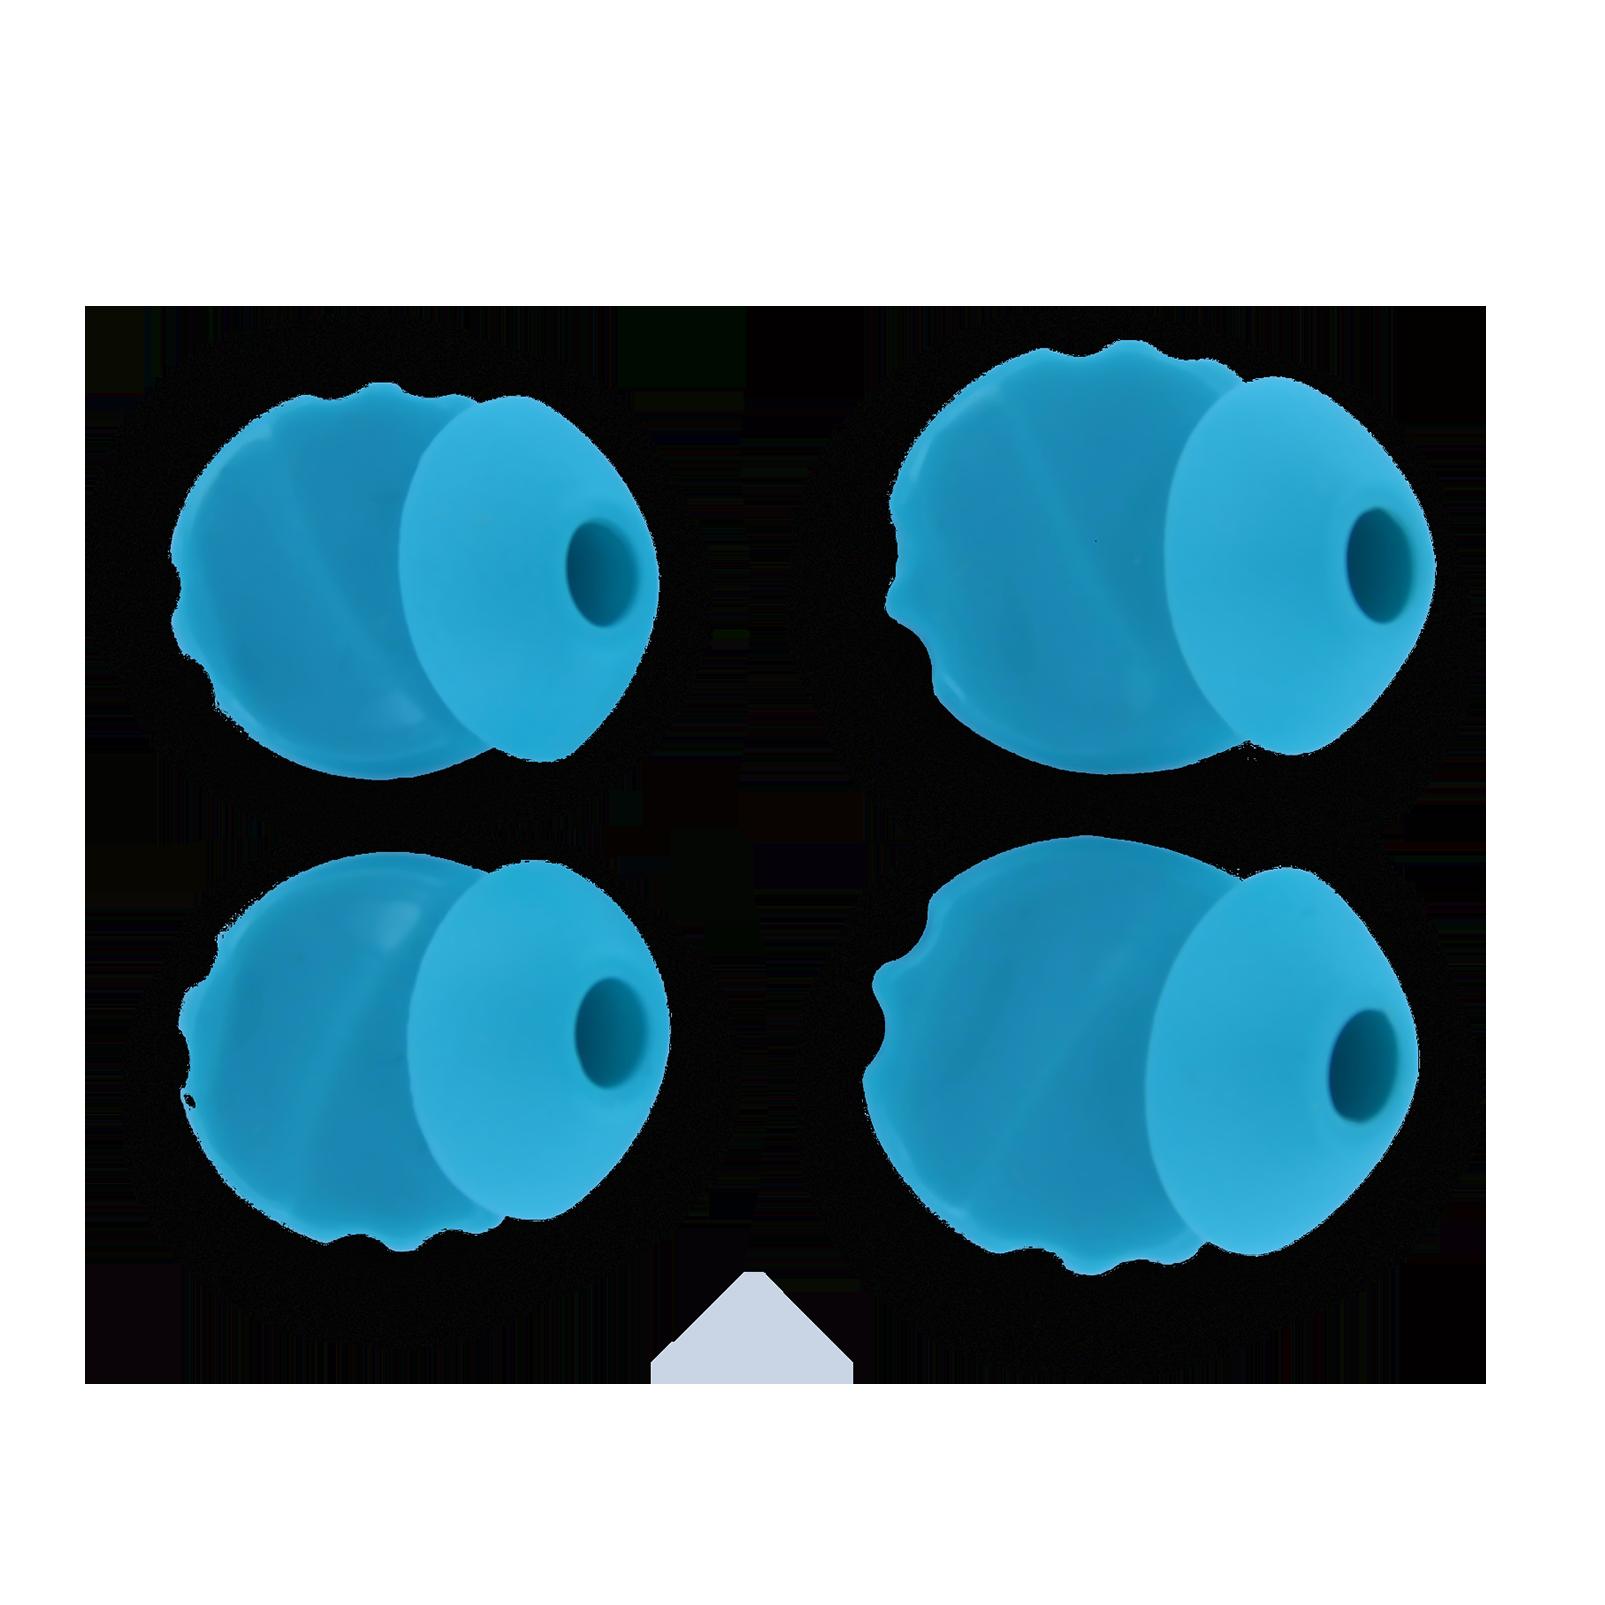 JBL Ear tips for Focus/Inspire 500, 700 - Blue - Ear tips (L+R) - Hero